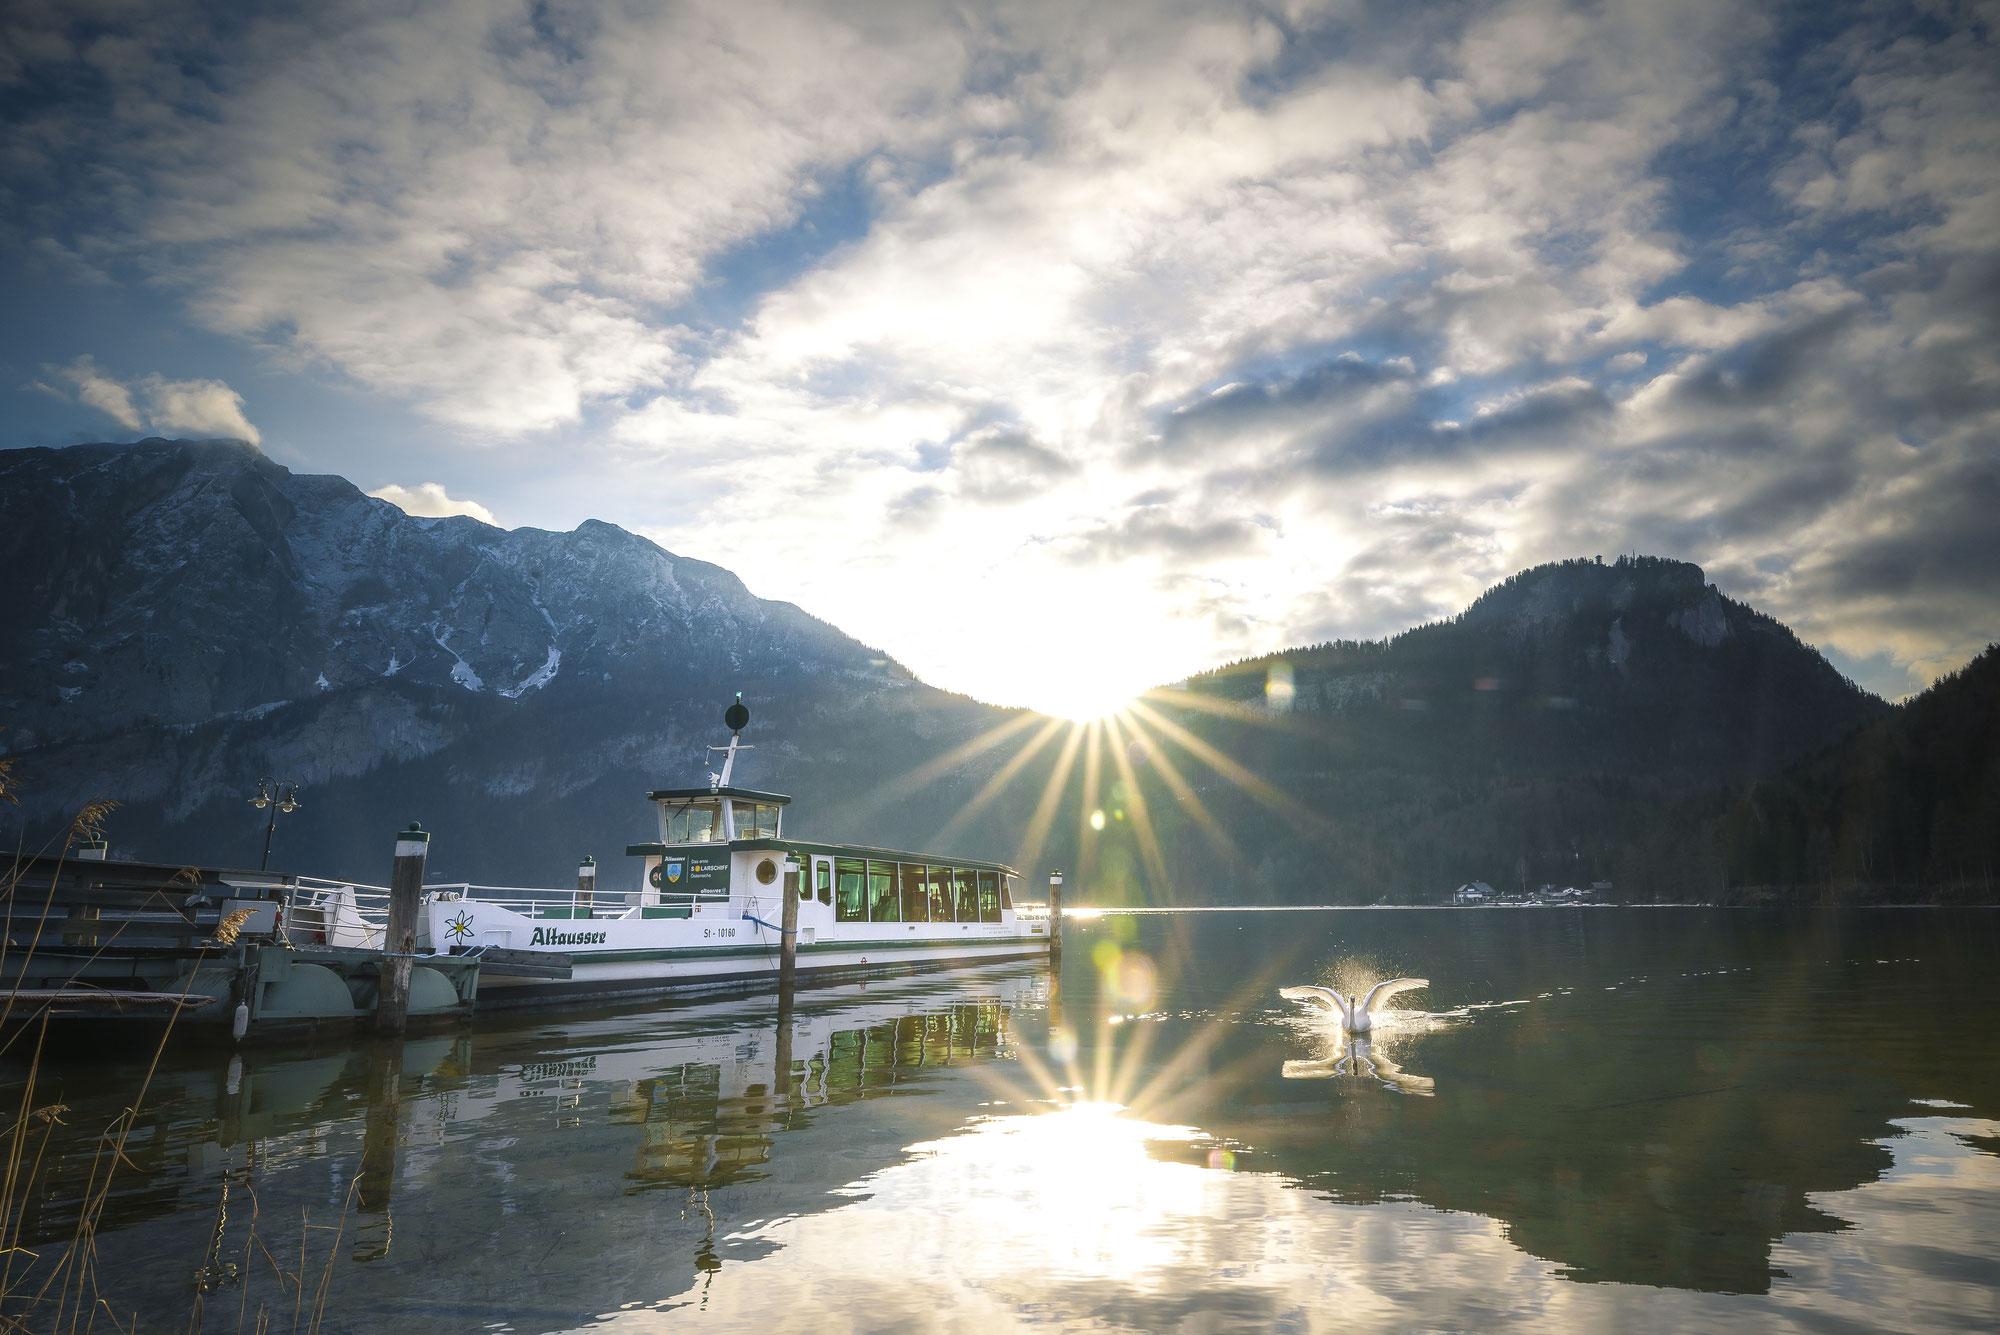 Stern Schifffahrt startet am Attersee und Altausseer See in die Saison